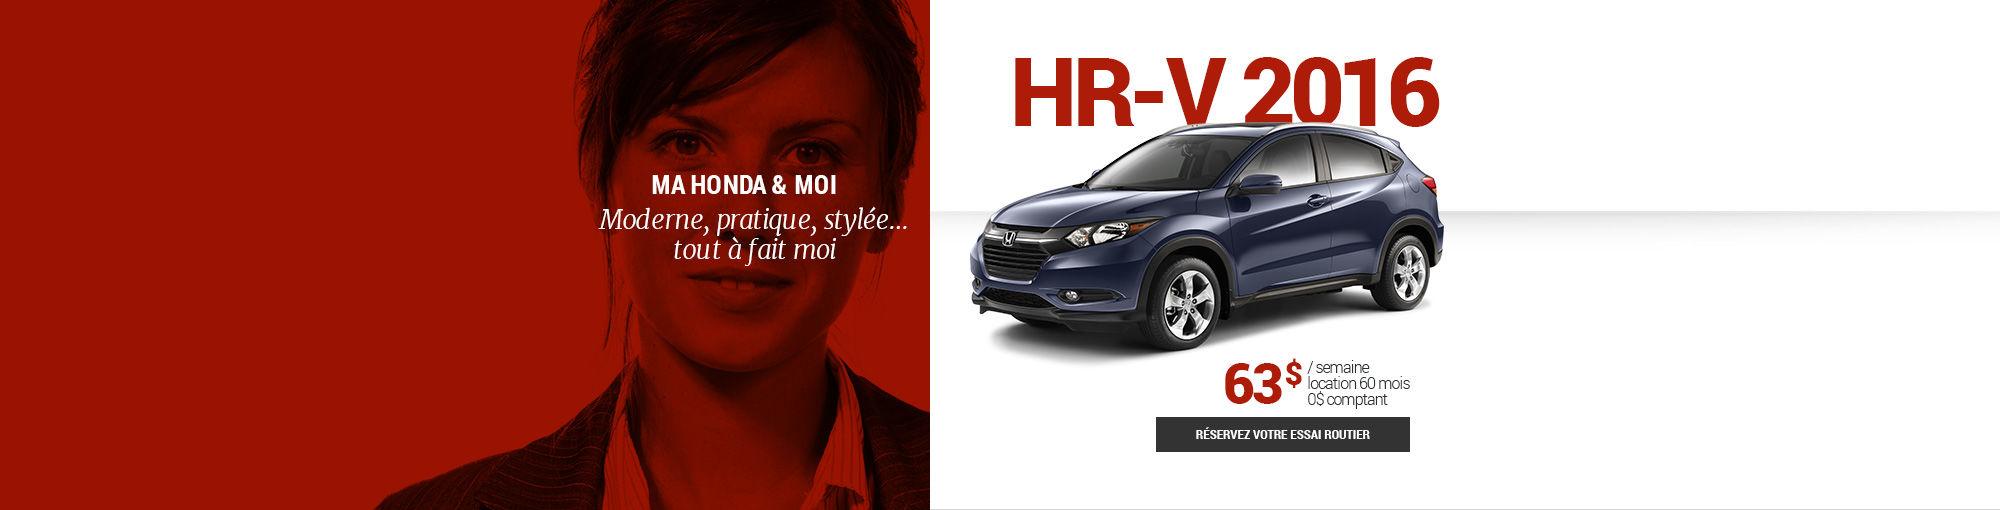 HR-V 2016 - octobre 2016